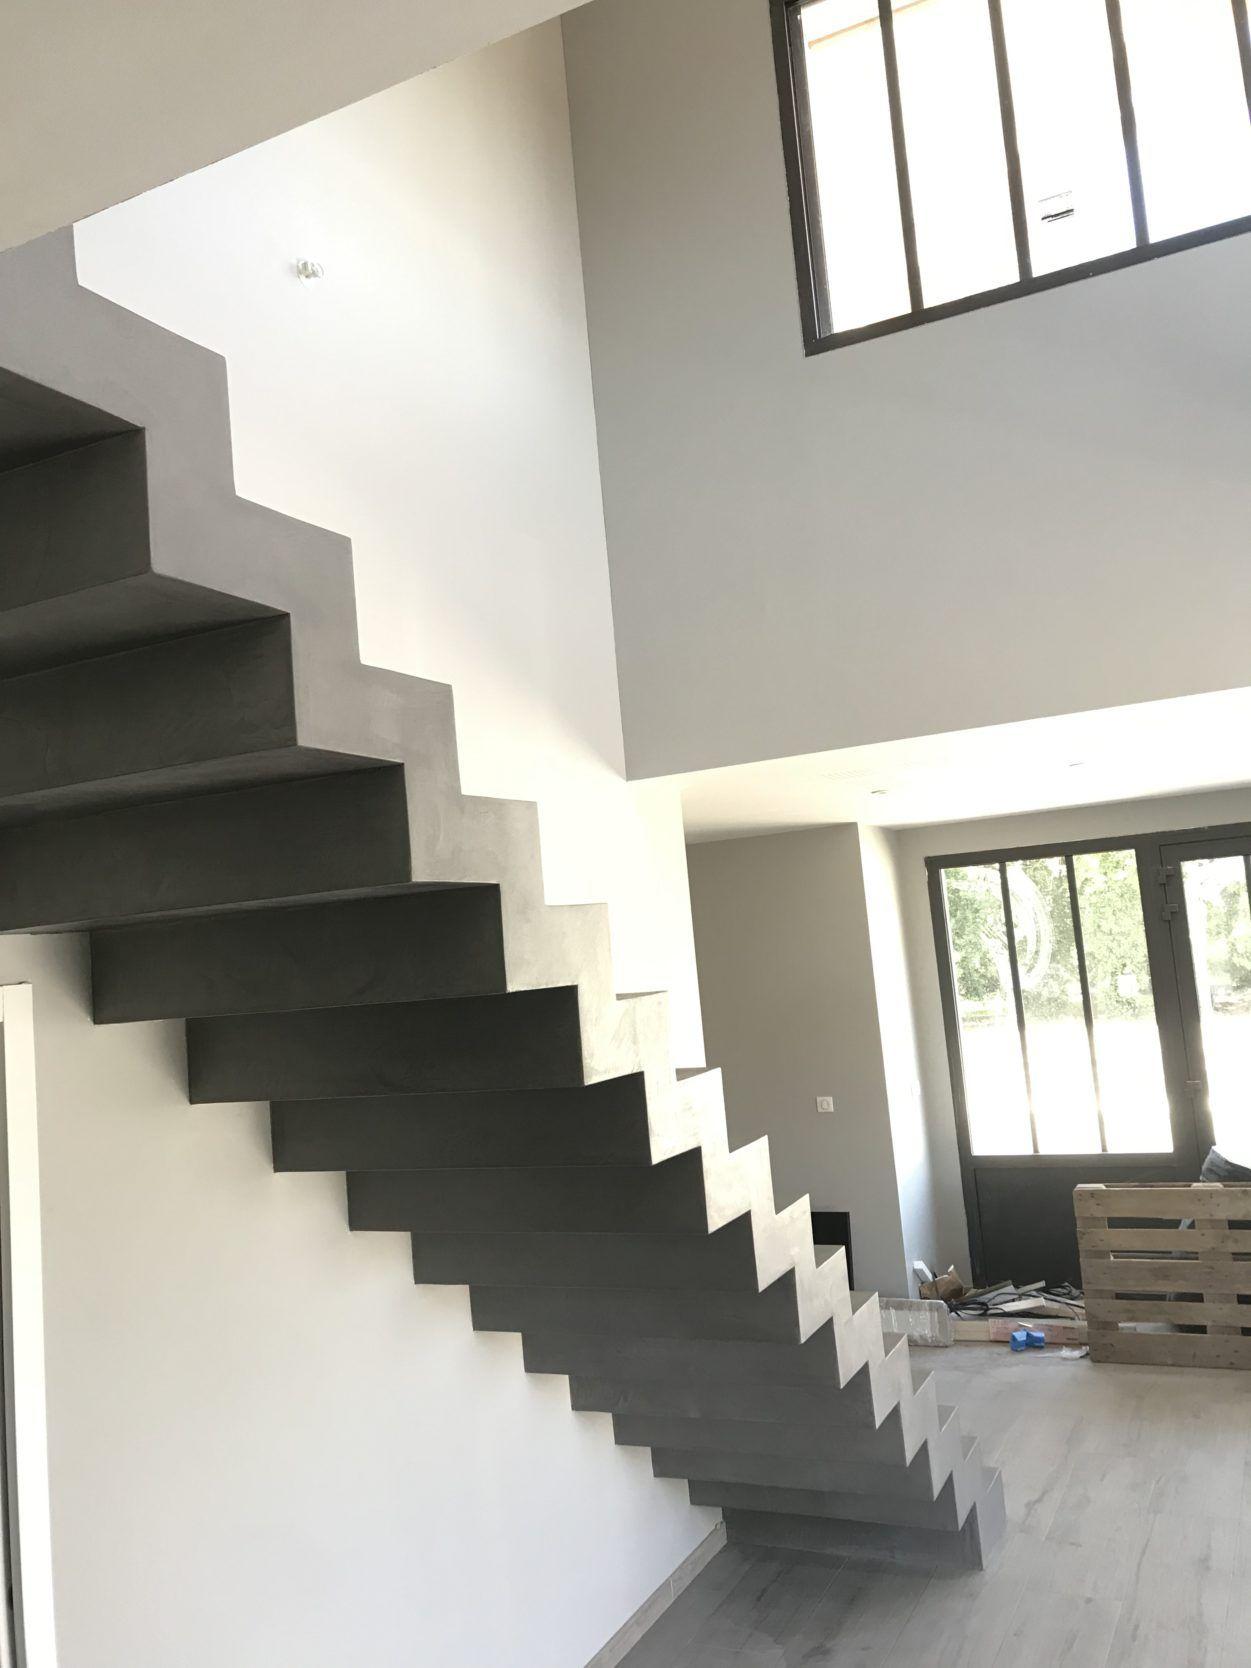 Escalier Dans Un Salon sublime escalier crémaillère d'un salon en béton ciré